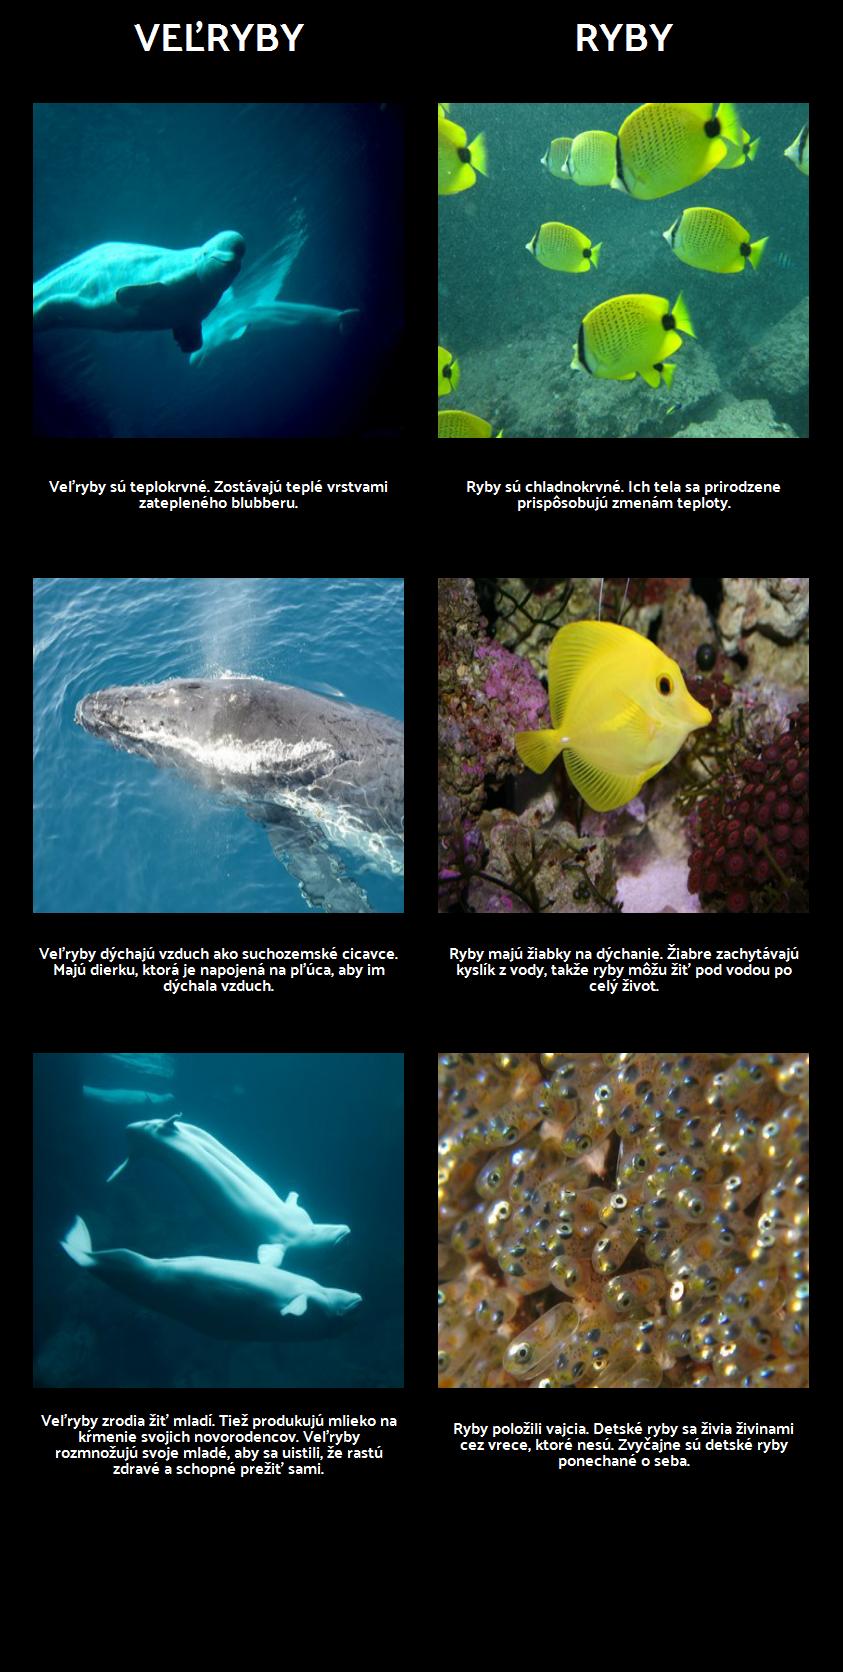 Amos a Boris - Morské Cicavce vs. Ryby